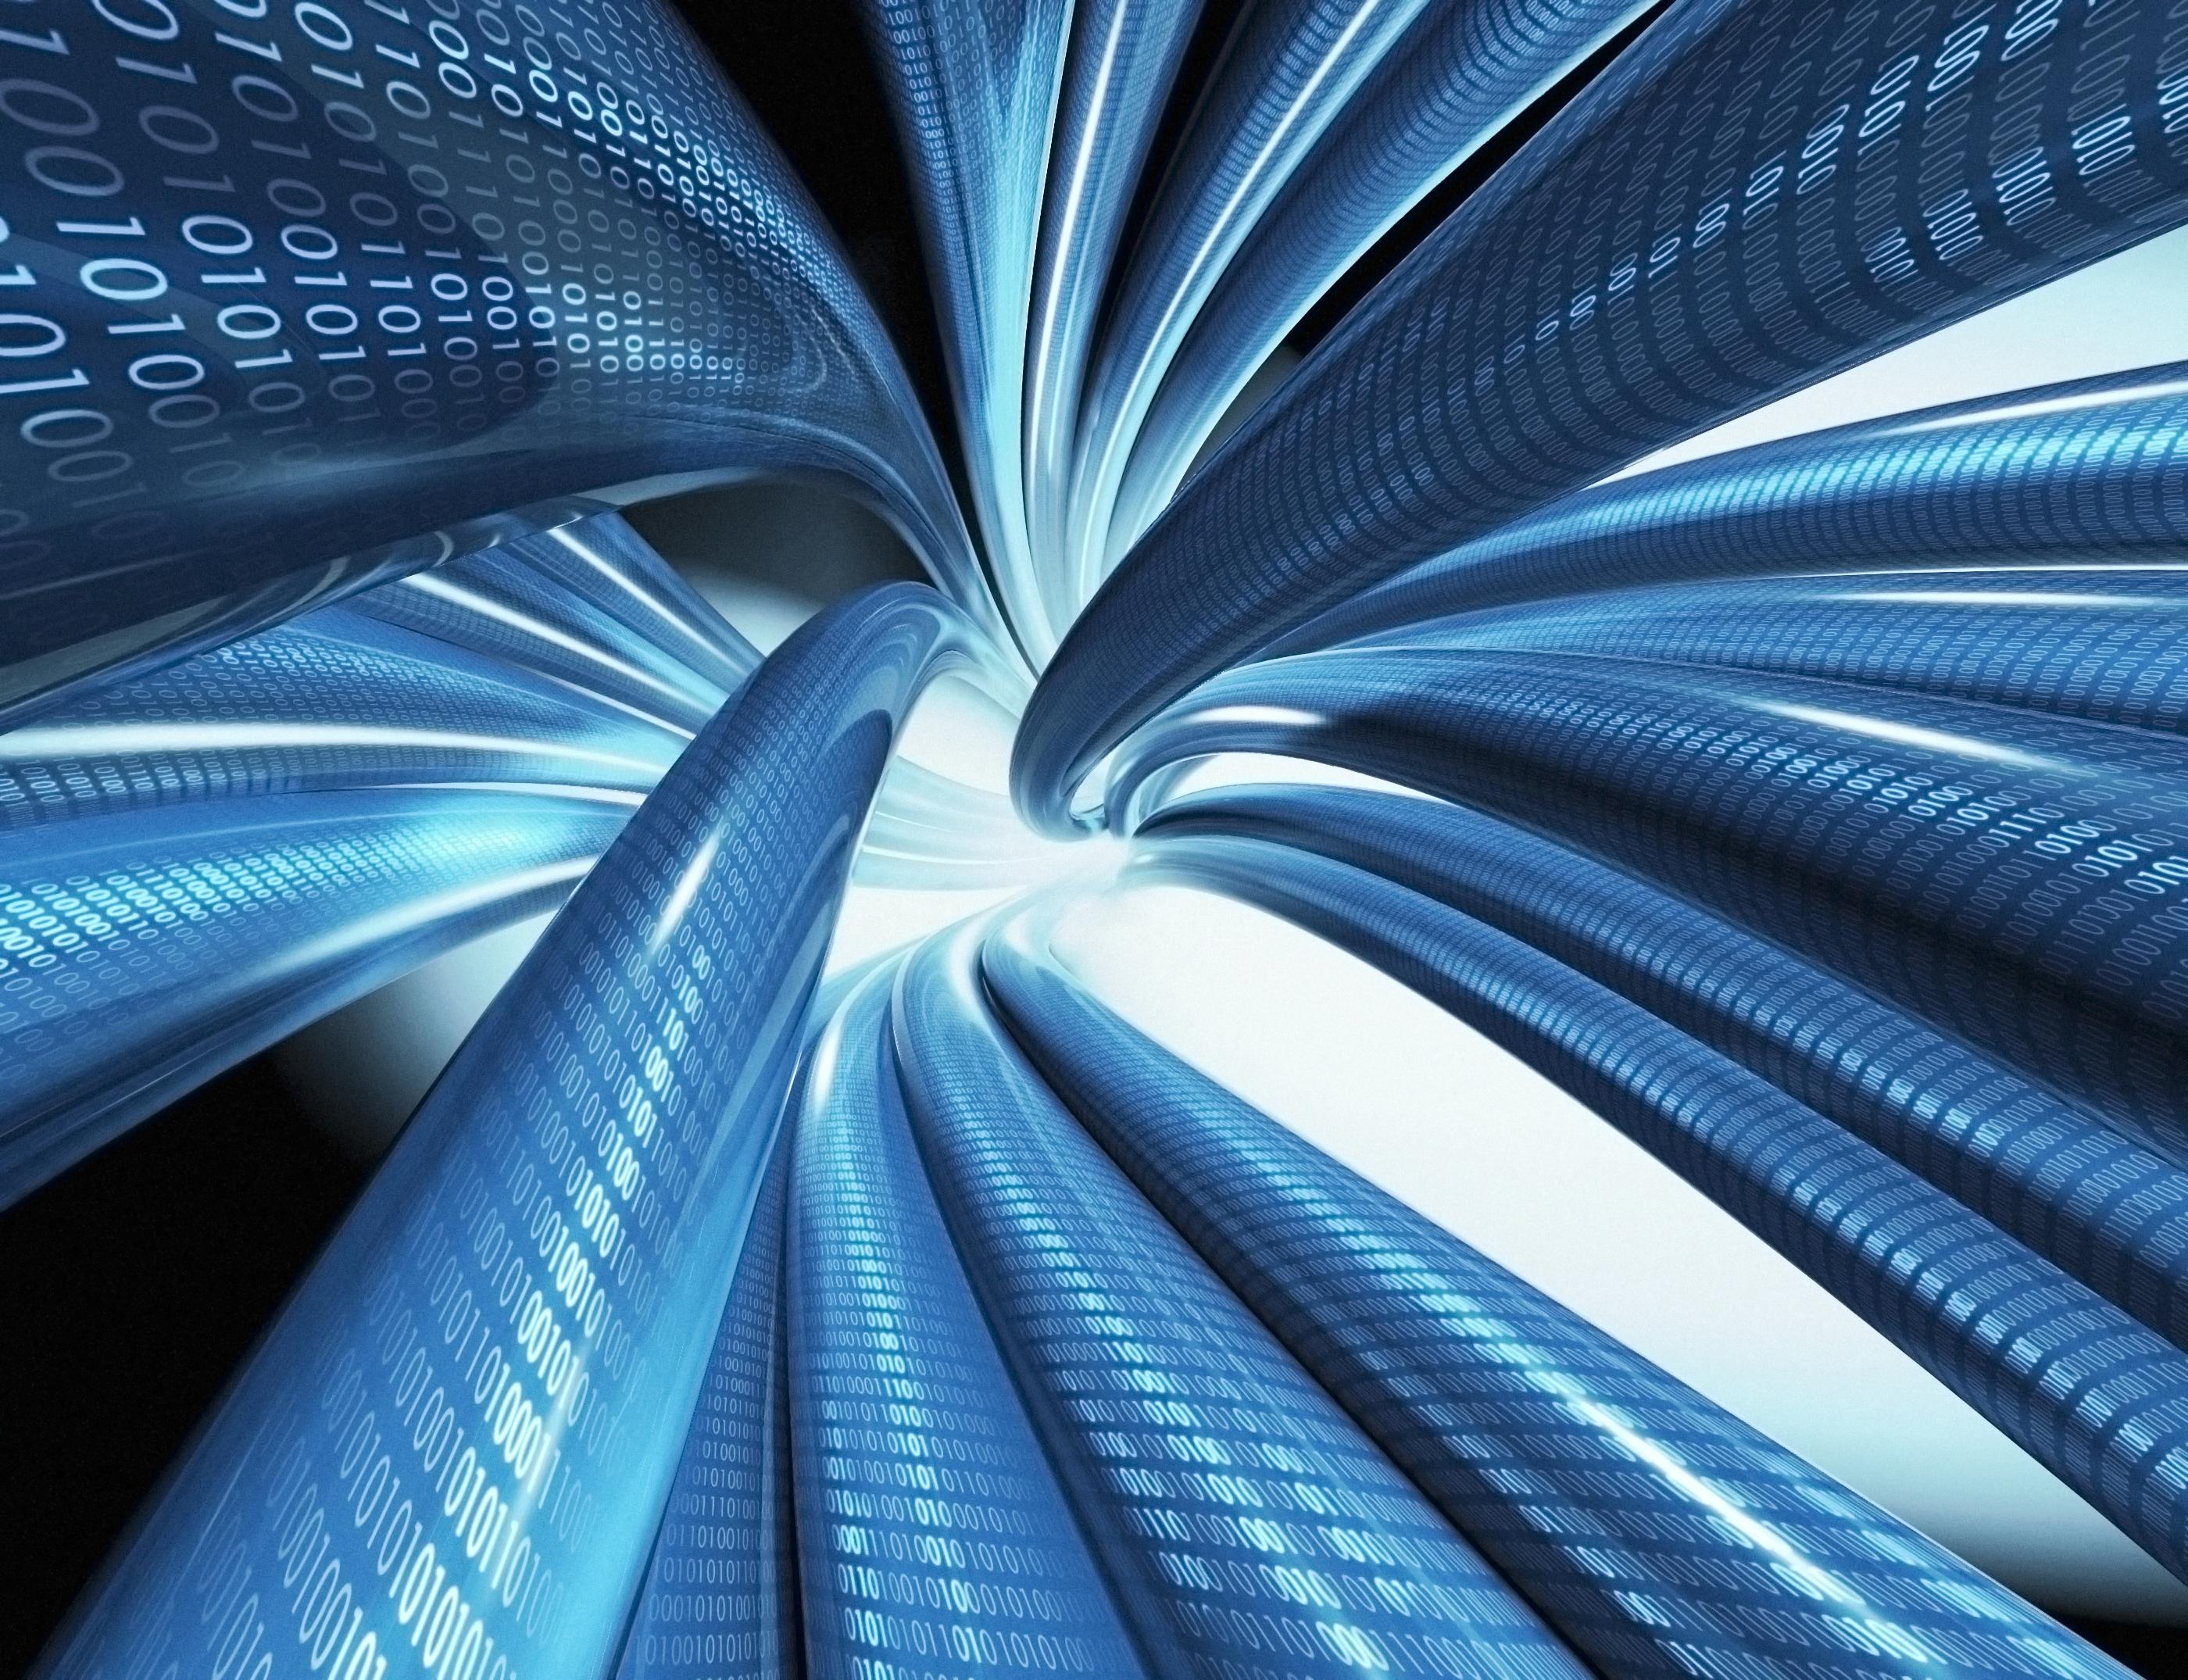 UK races to superfast broadband network